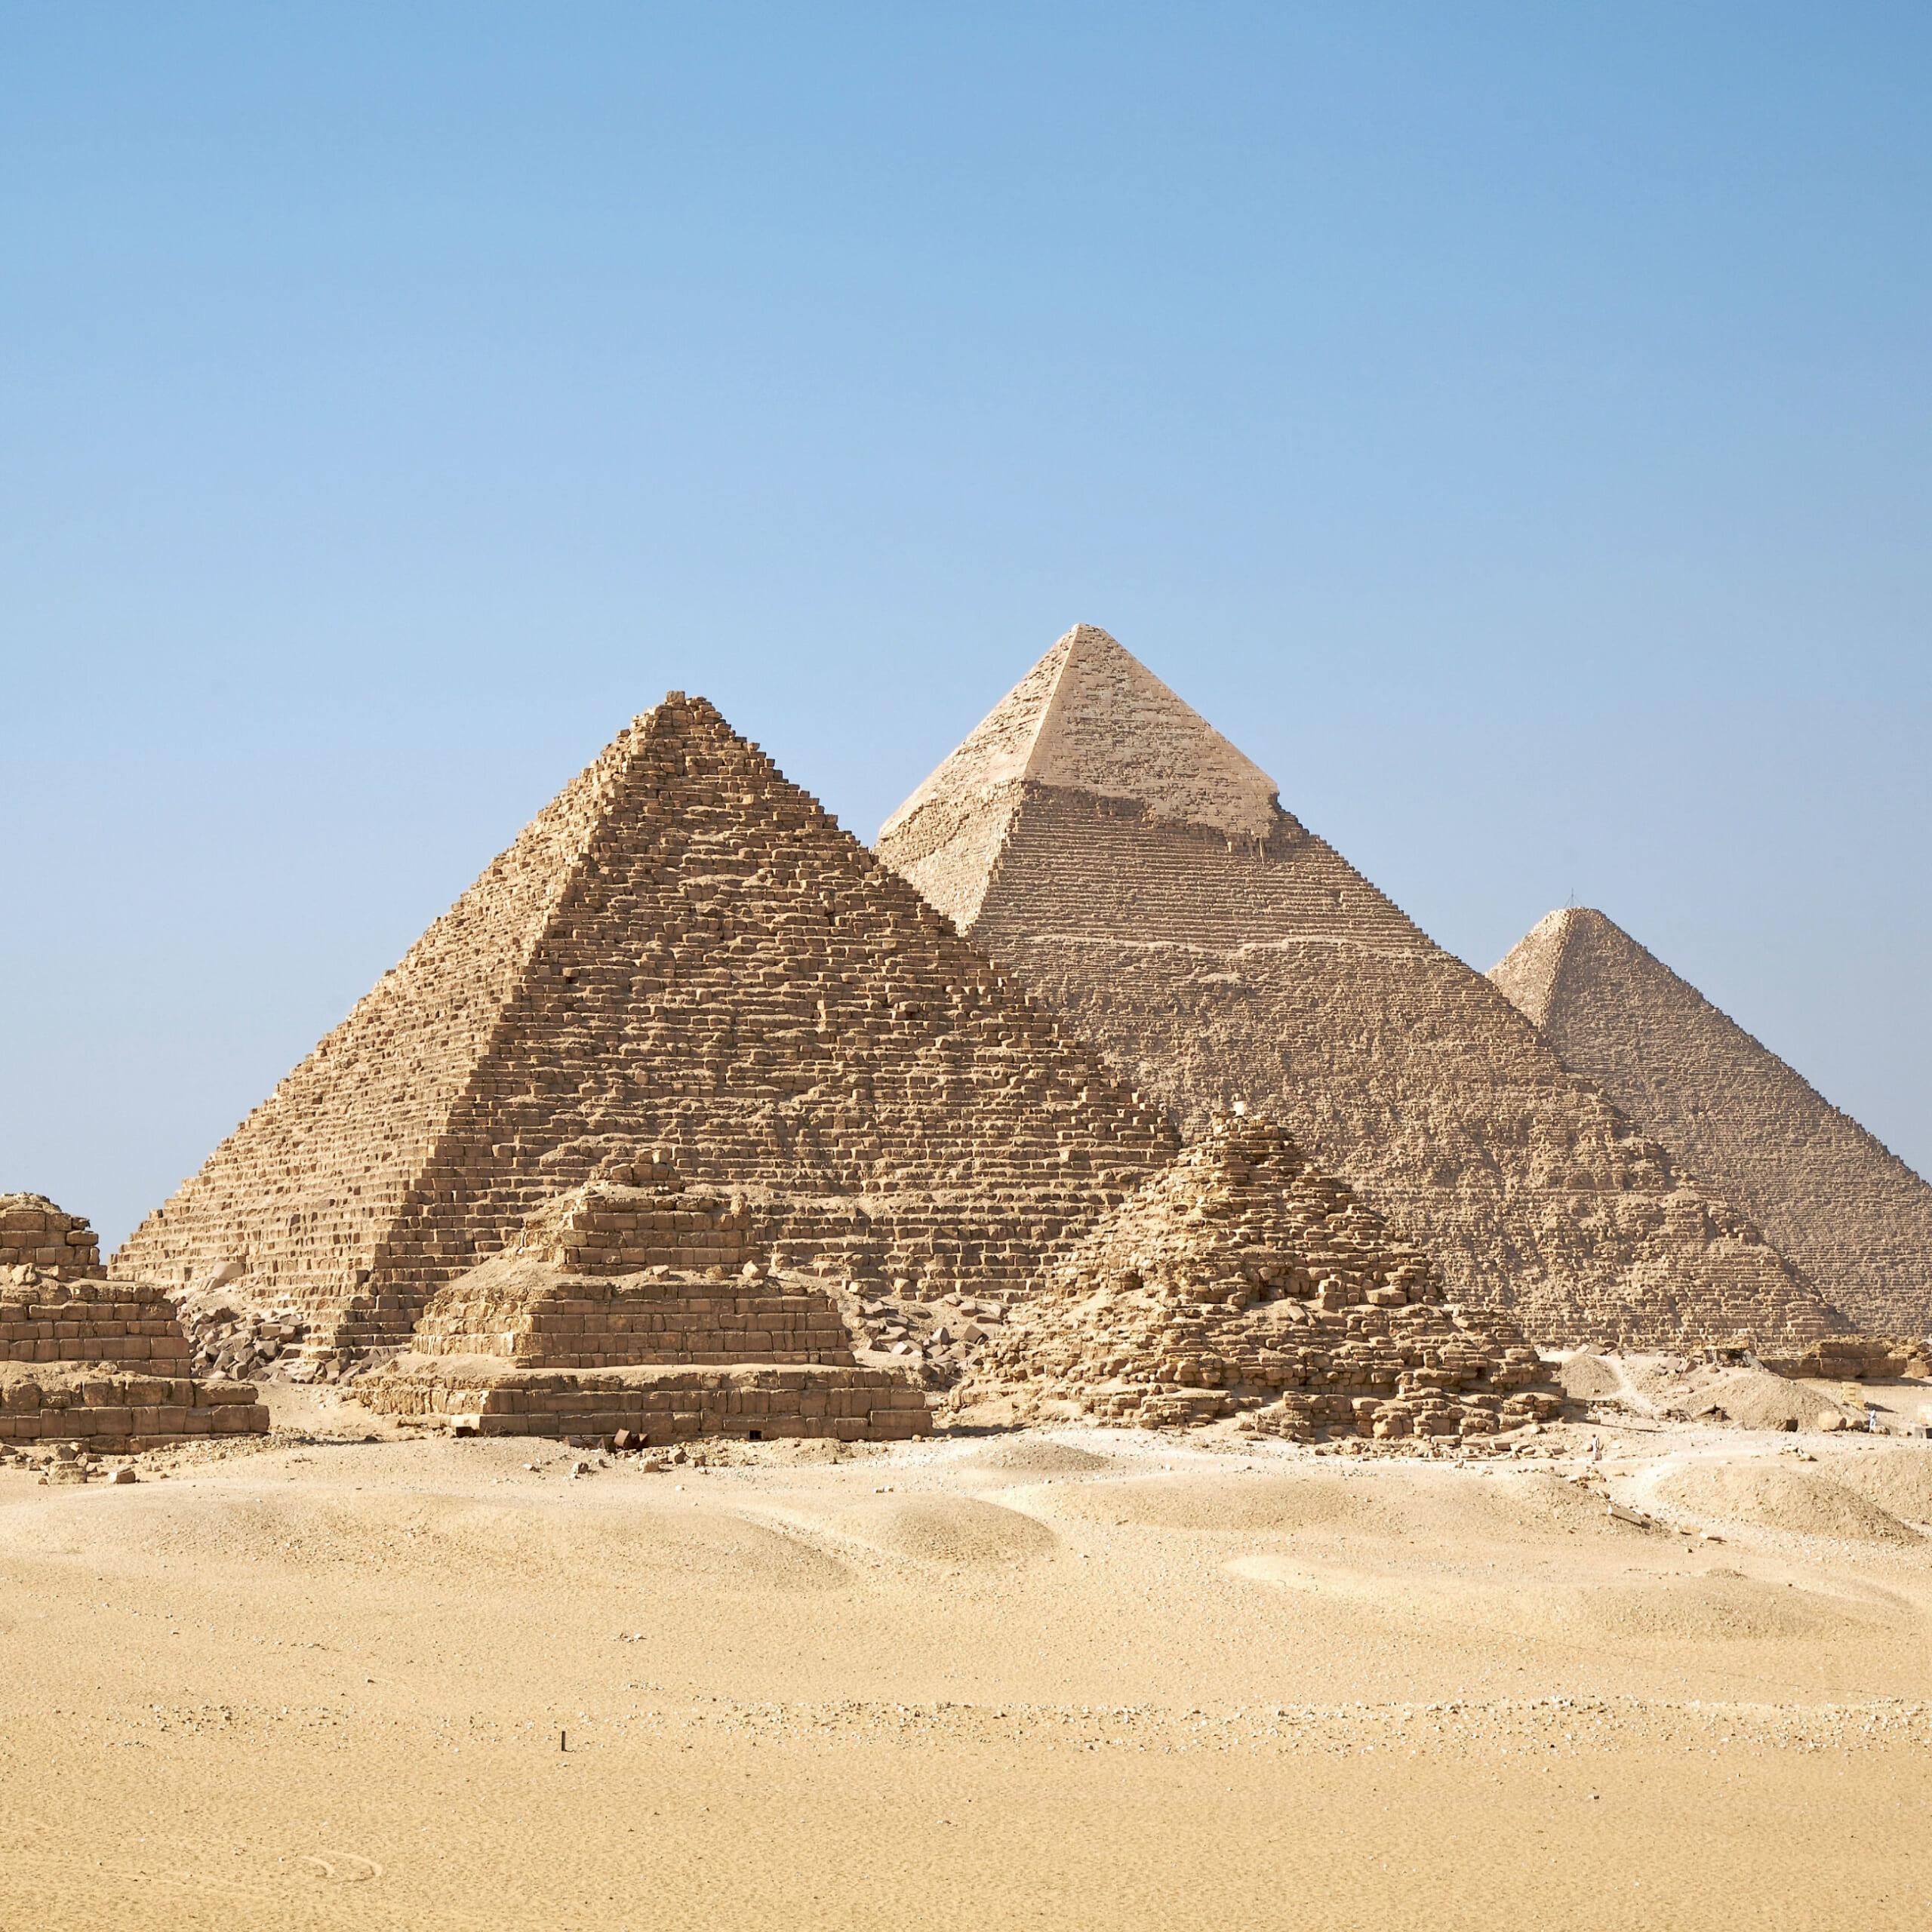 ナイル河とピラミッドの関係から導き出せる! 河内王朝は征服王朝ではない!?